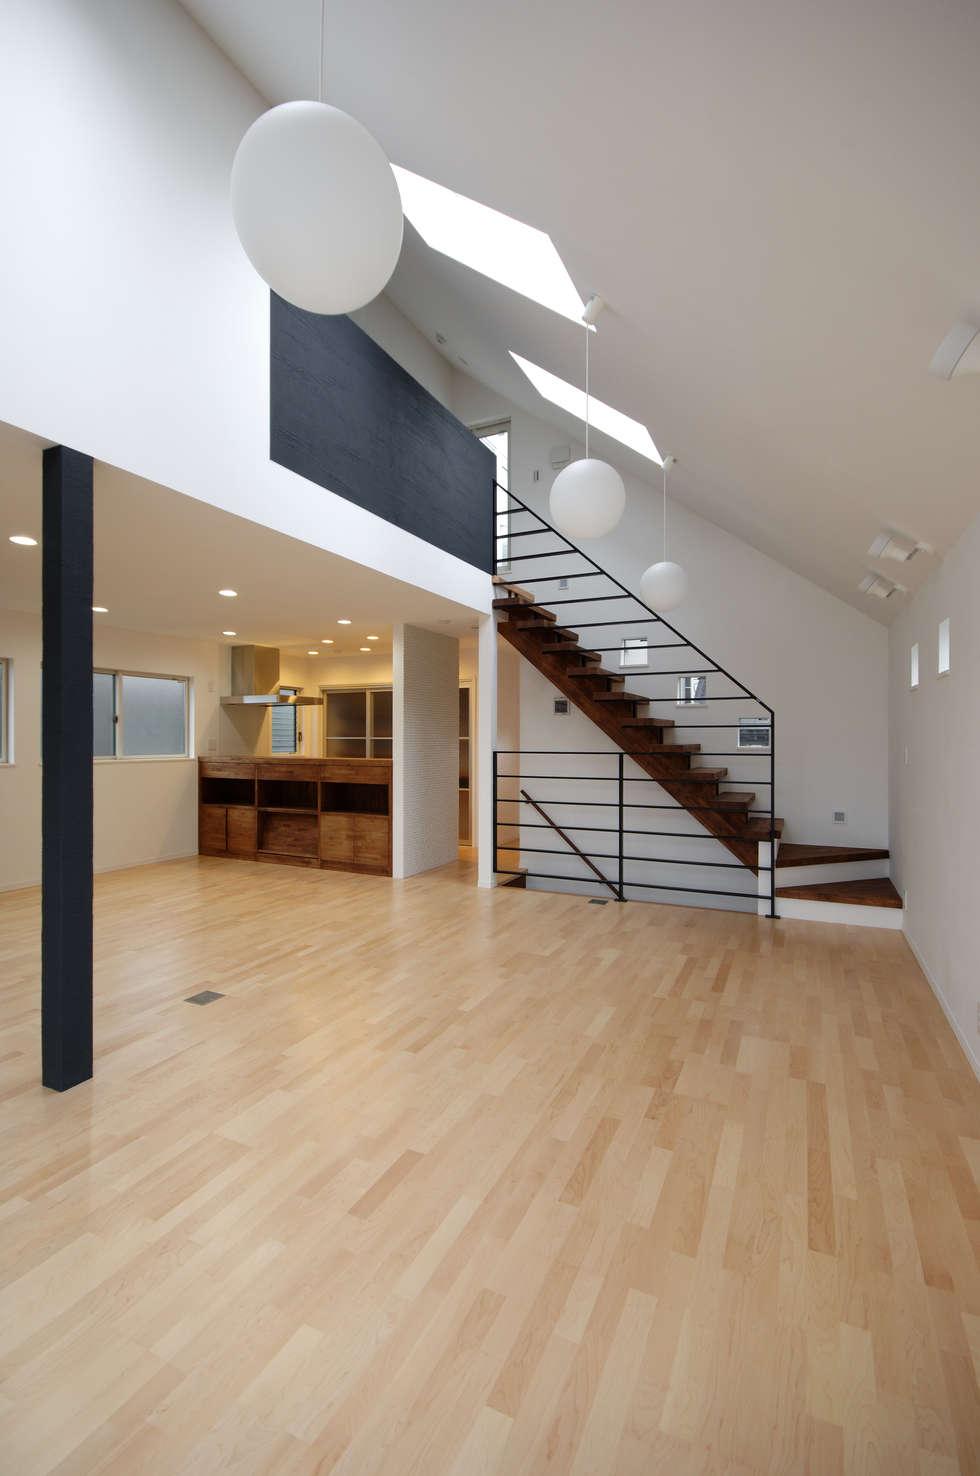 3つの天窓のある家: 前田敦計画工房が手掛けたリビングです。